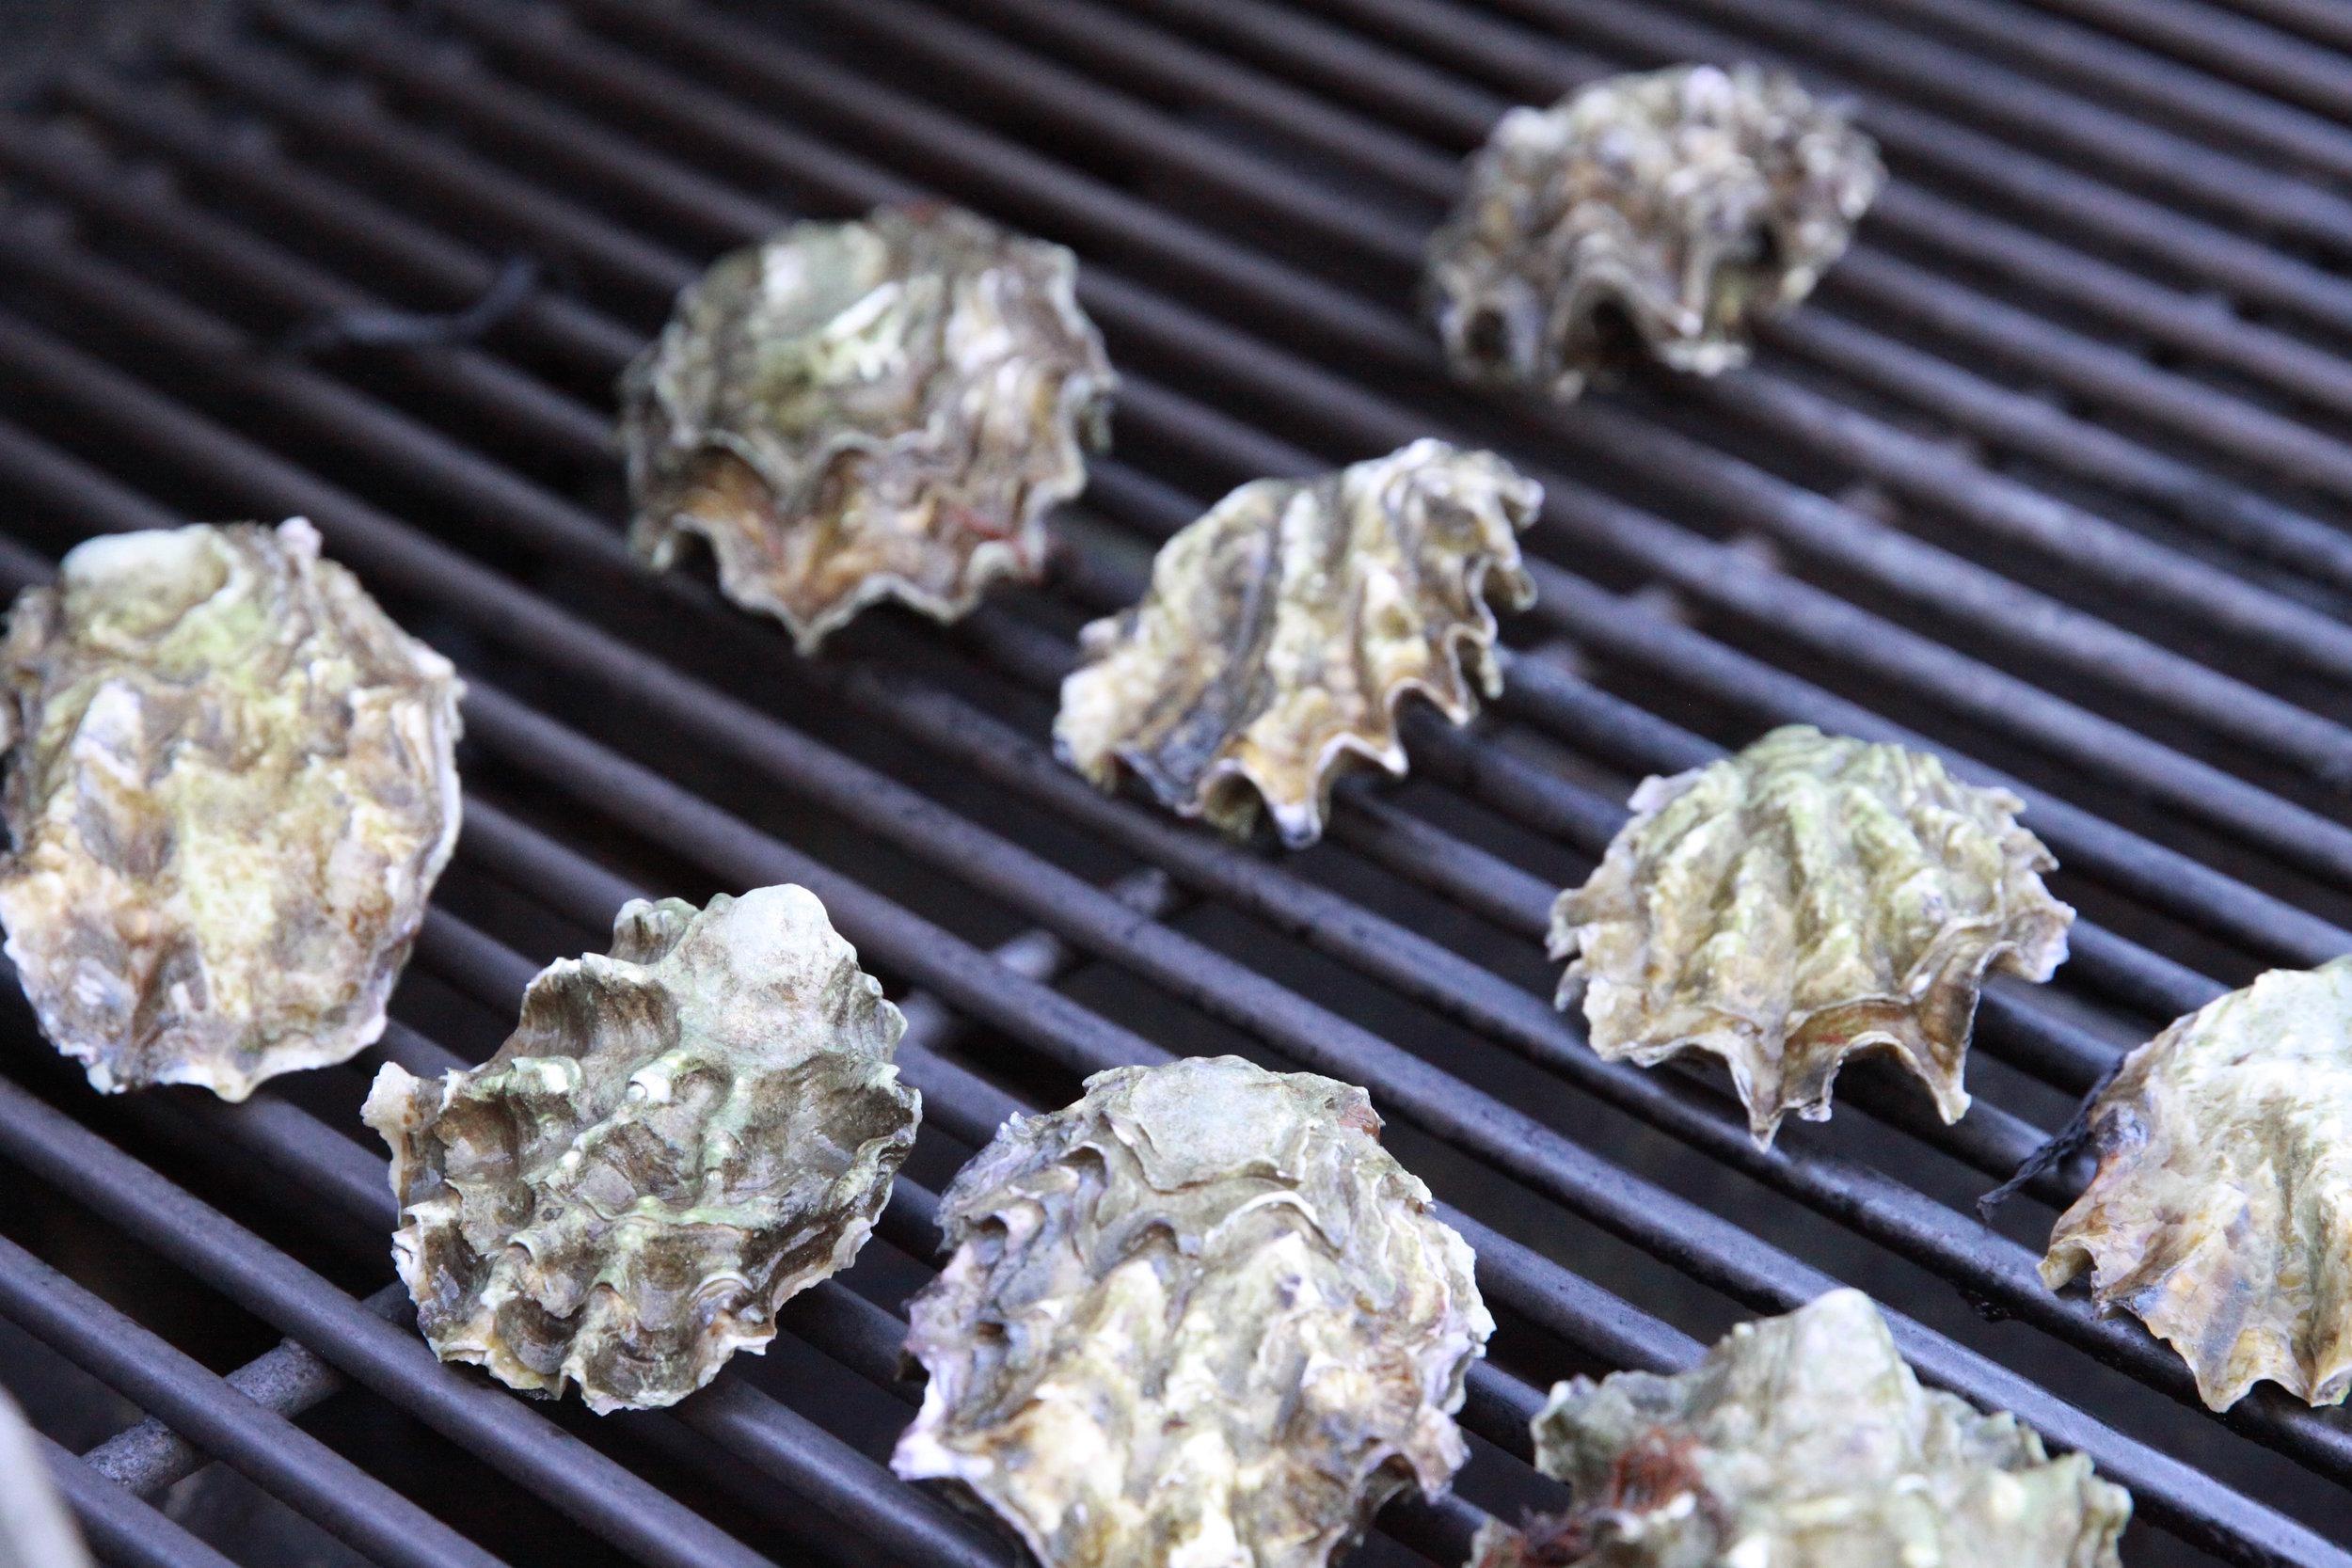 Grilled Oysters; Photo by: Lynn Mc Shane - Anam Cara